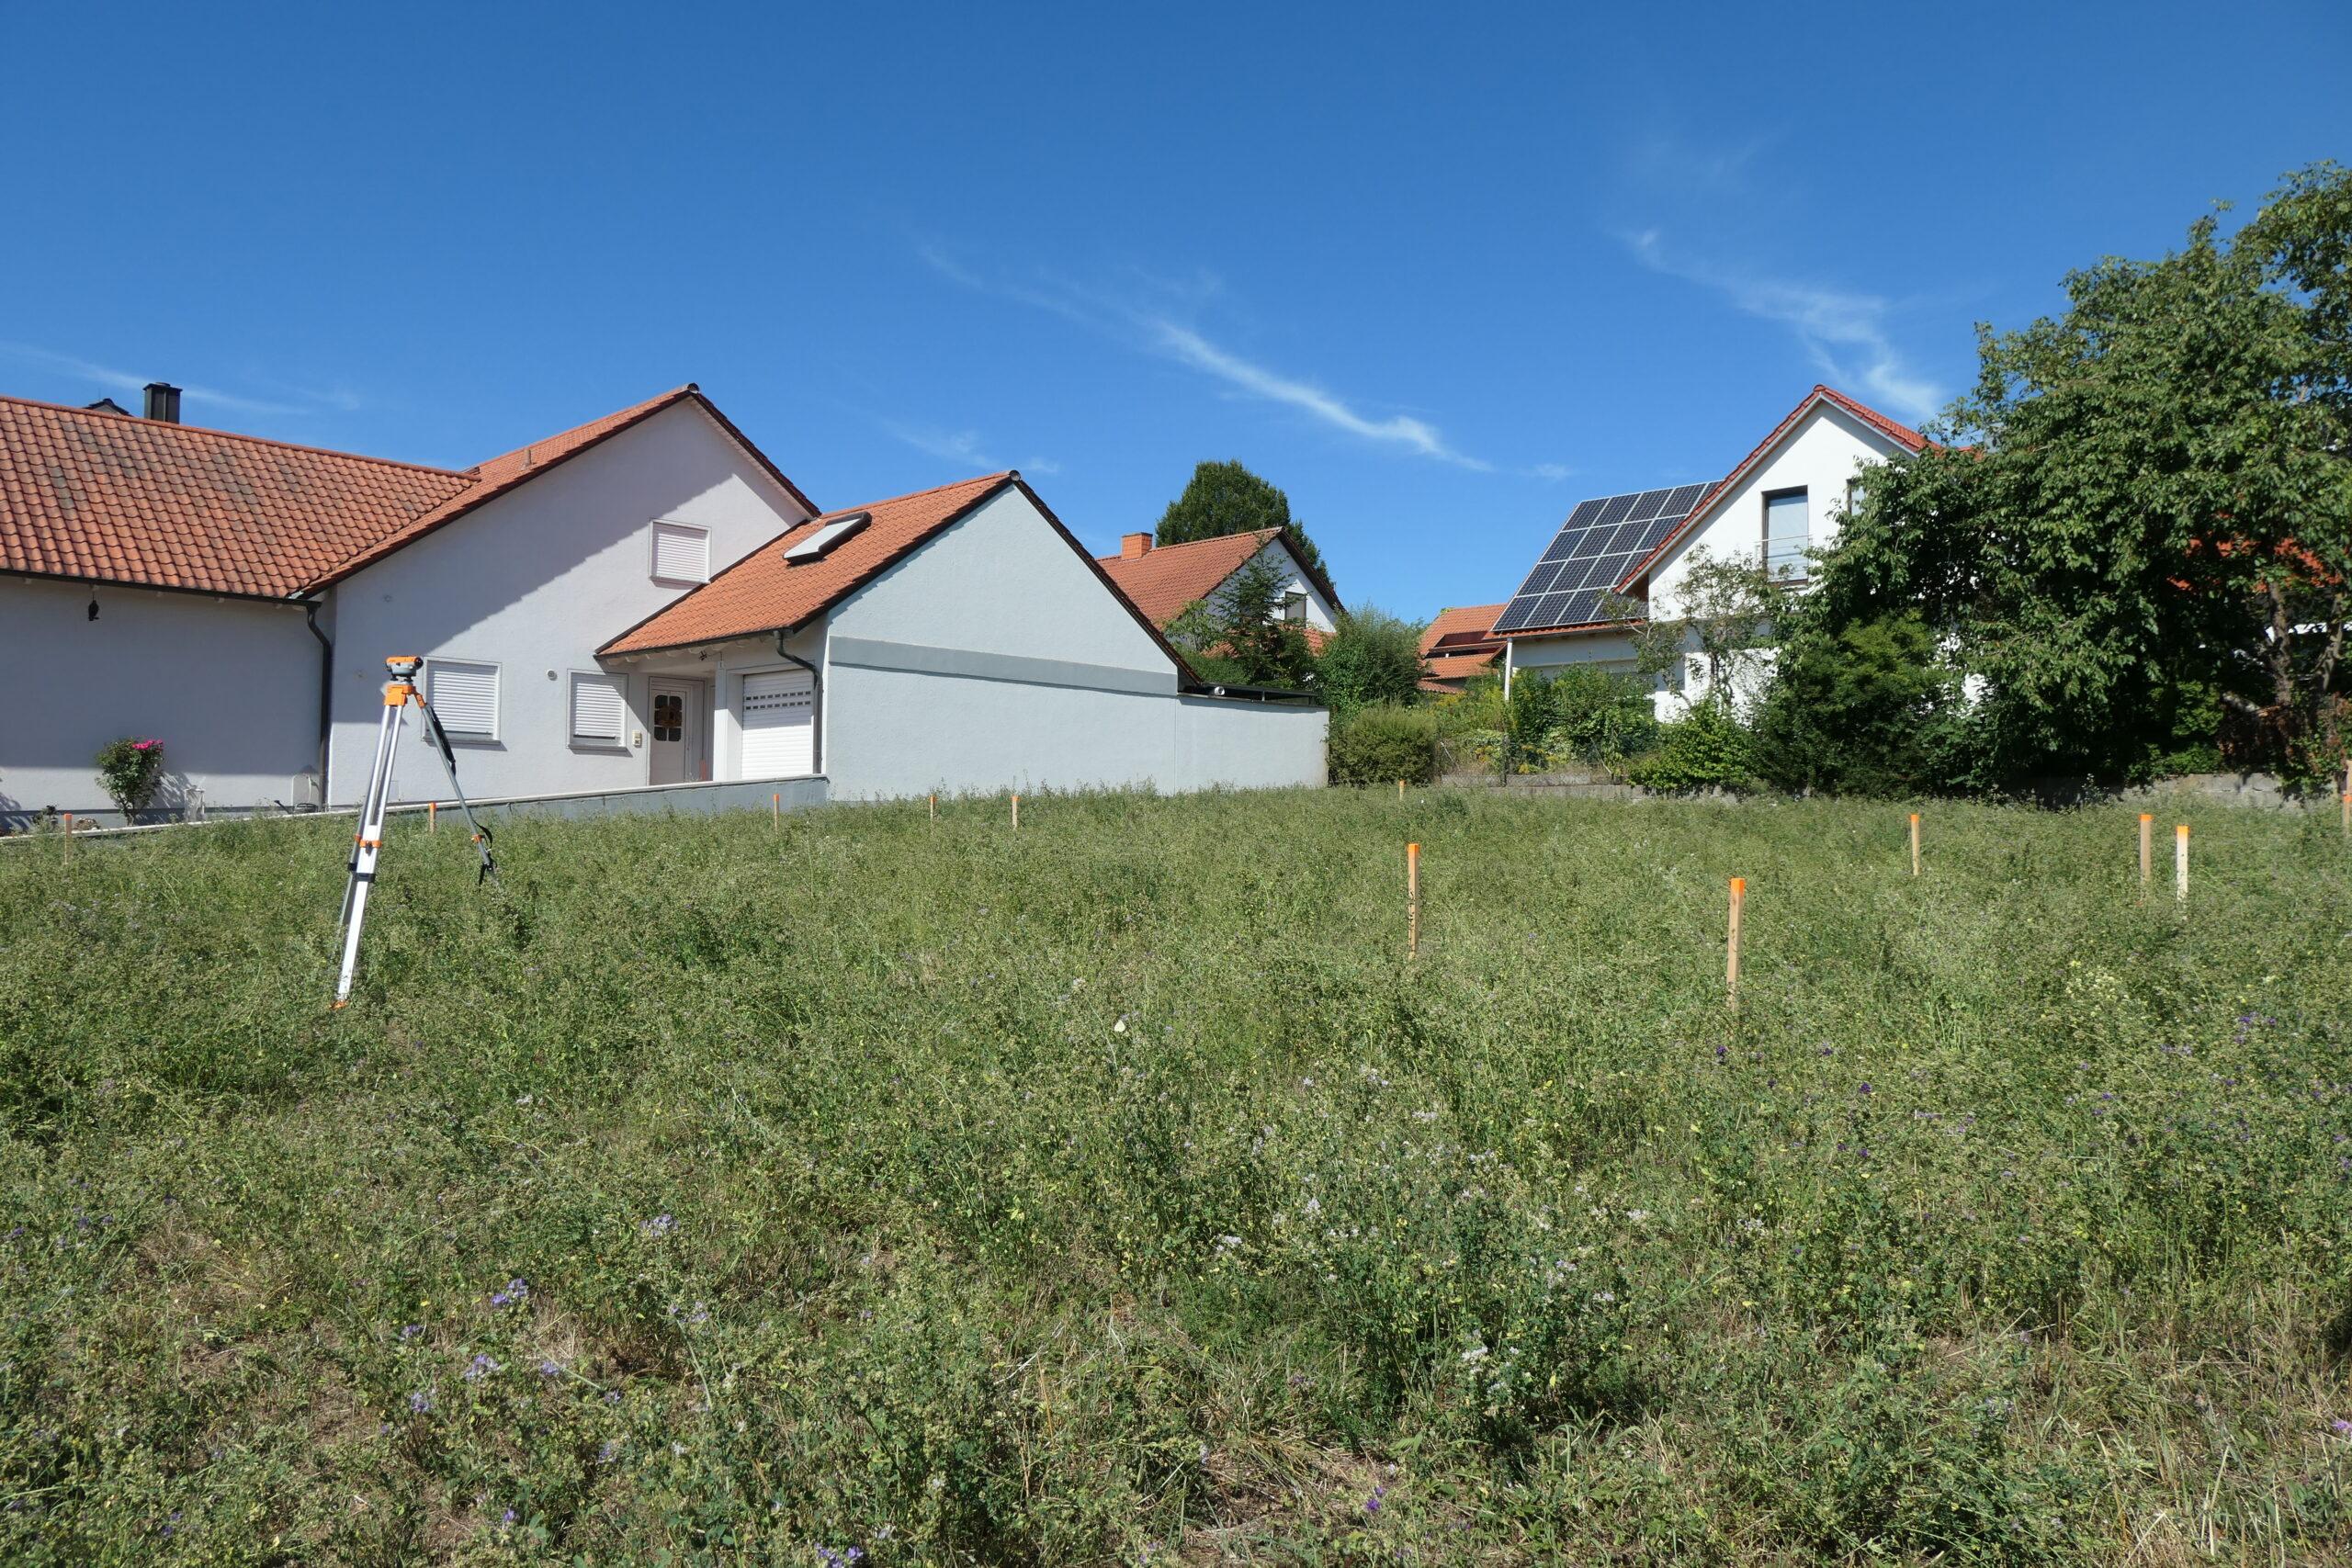 Grundstuek - Eichenstrasse 6 - Weyer (6)